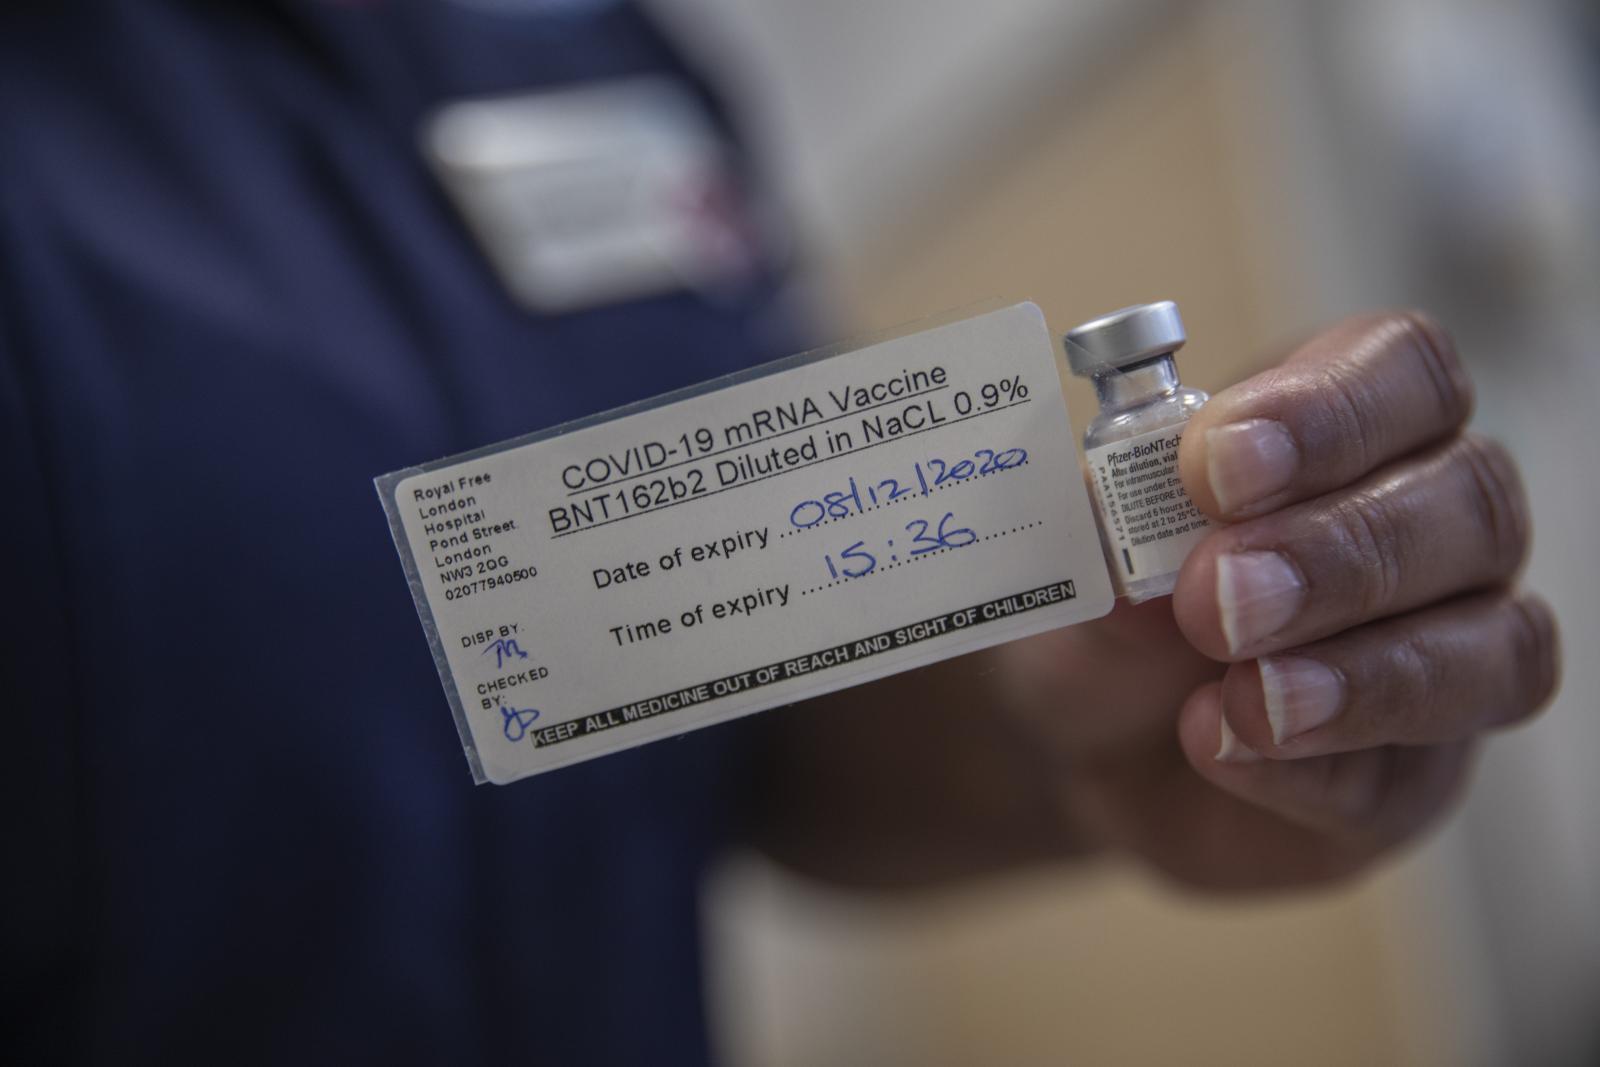 """ทดสอบ """"วัคซีนไฟเซอร์"""" กับคน 1 ล้านคน ประสิทธิภาพยังอยู่ที่ 95%"""